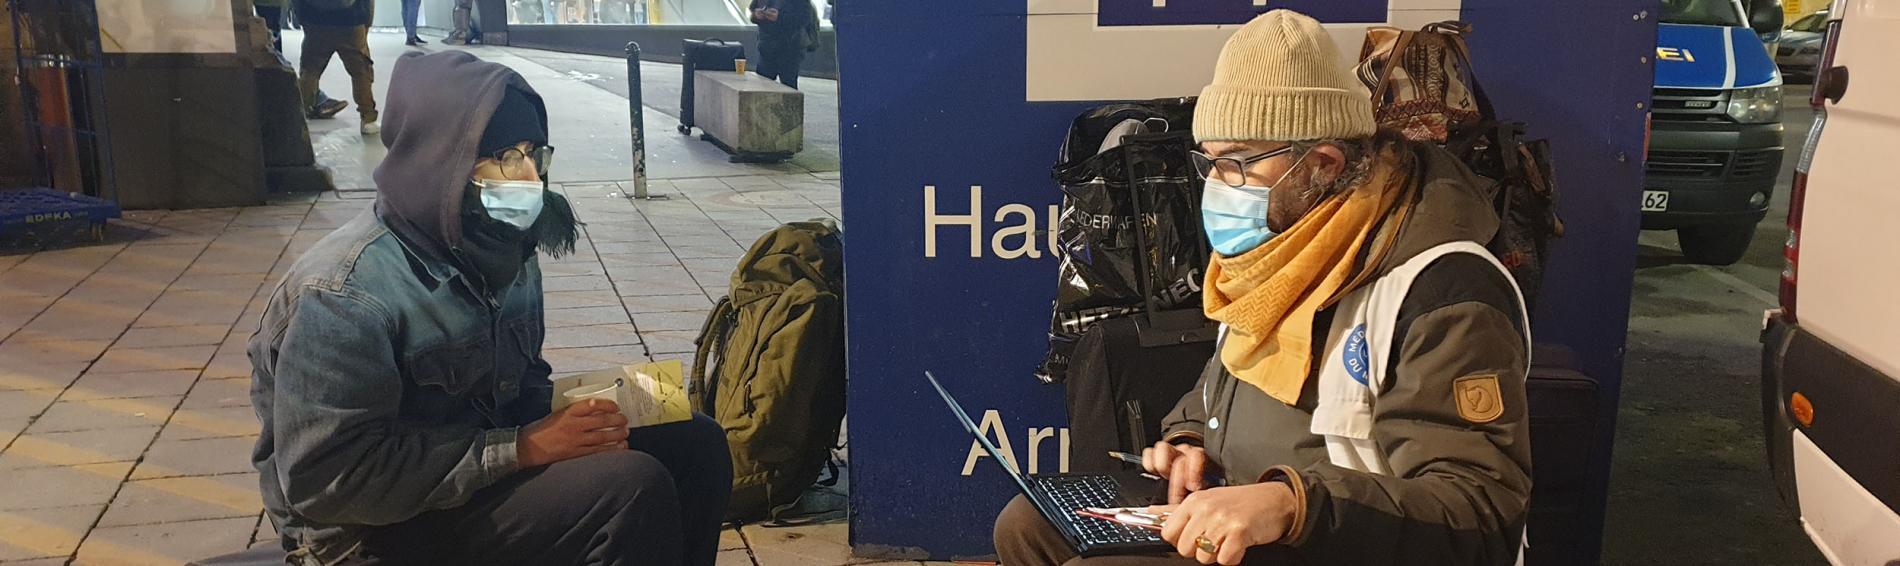 Viele Menschen aus Südosteuropa leben in Deutschland unter prekären Bedigungen. Foto: Ärzte der Welt